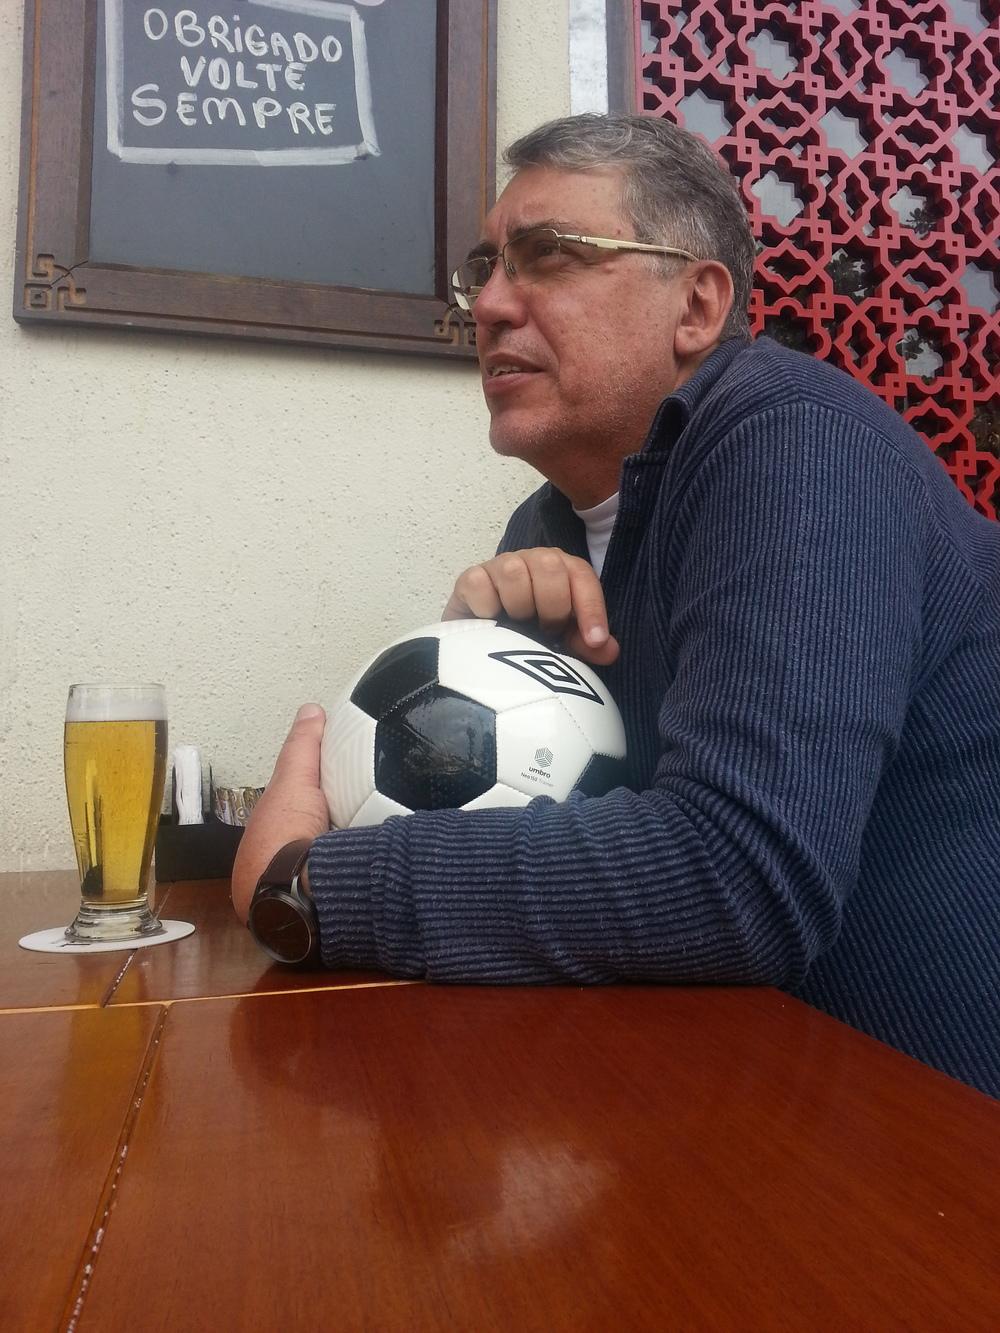 Fominha, Mauro Ferreira não desgruda da bola (Foto: Claudio Duarte